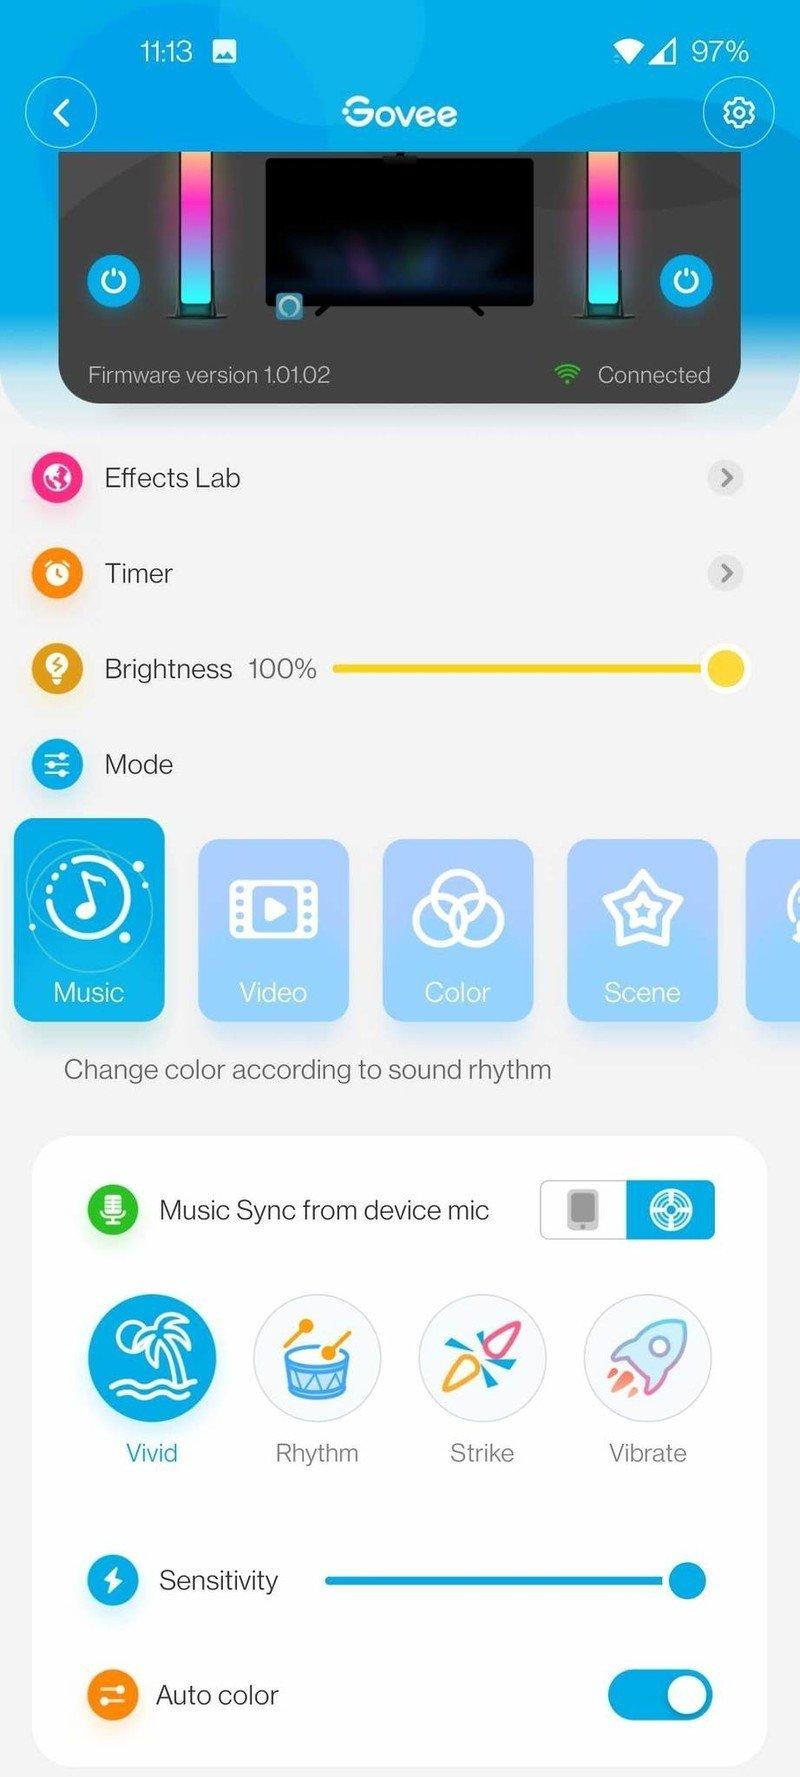 govee-flow-pro-app-screenshot-03.jpg